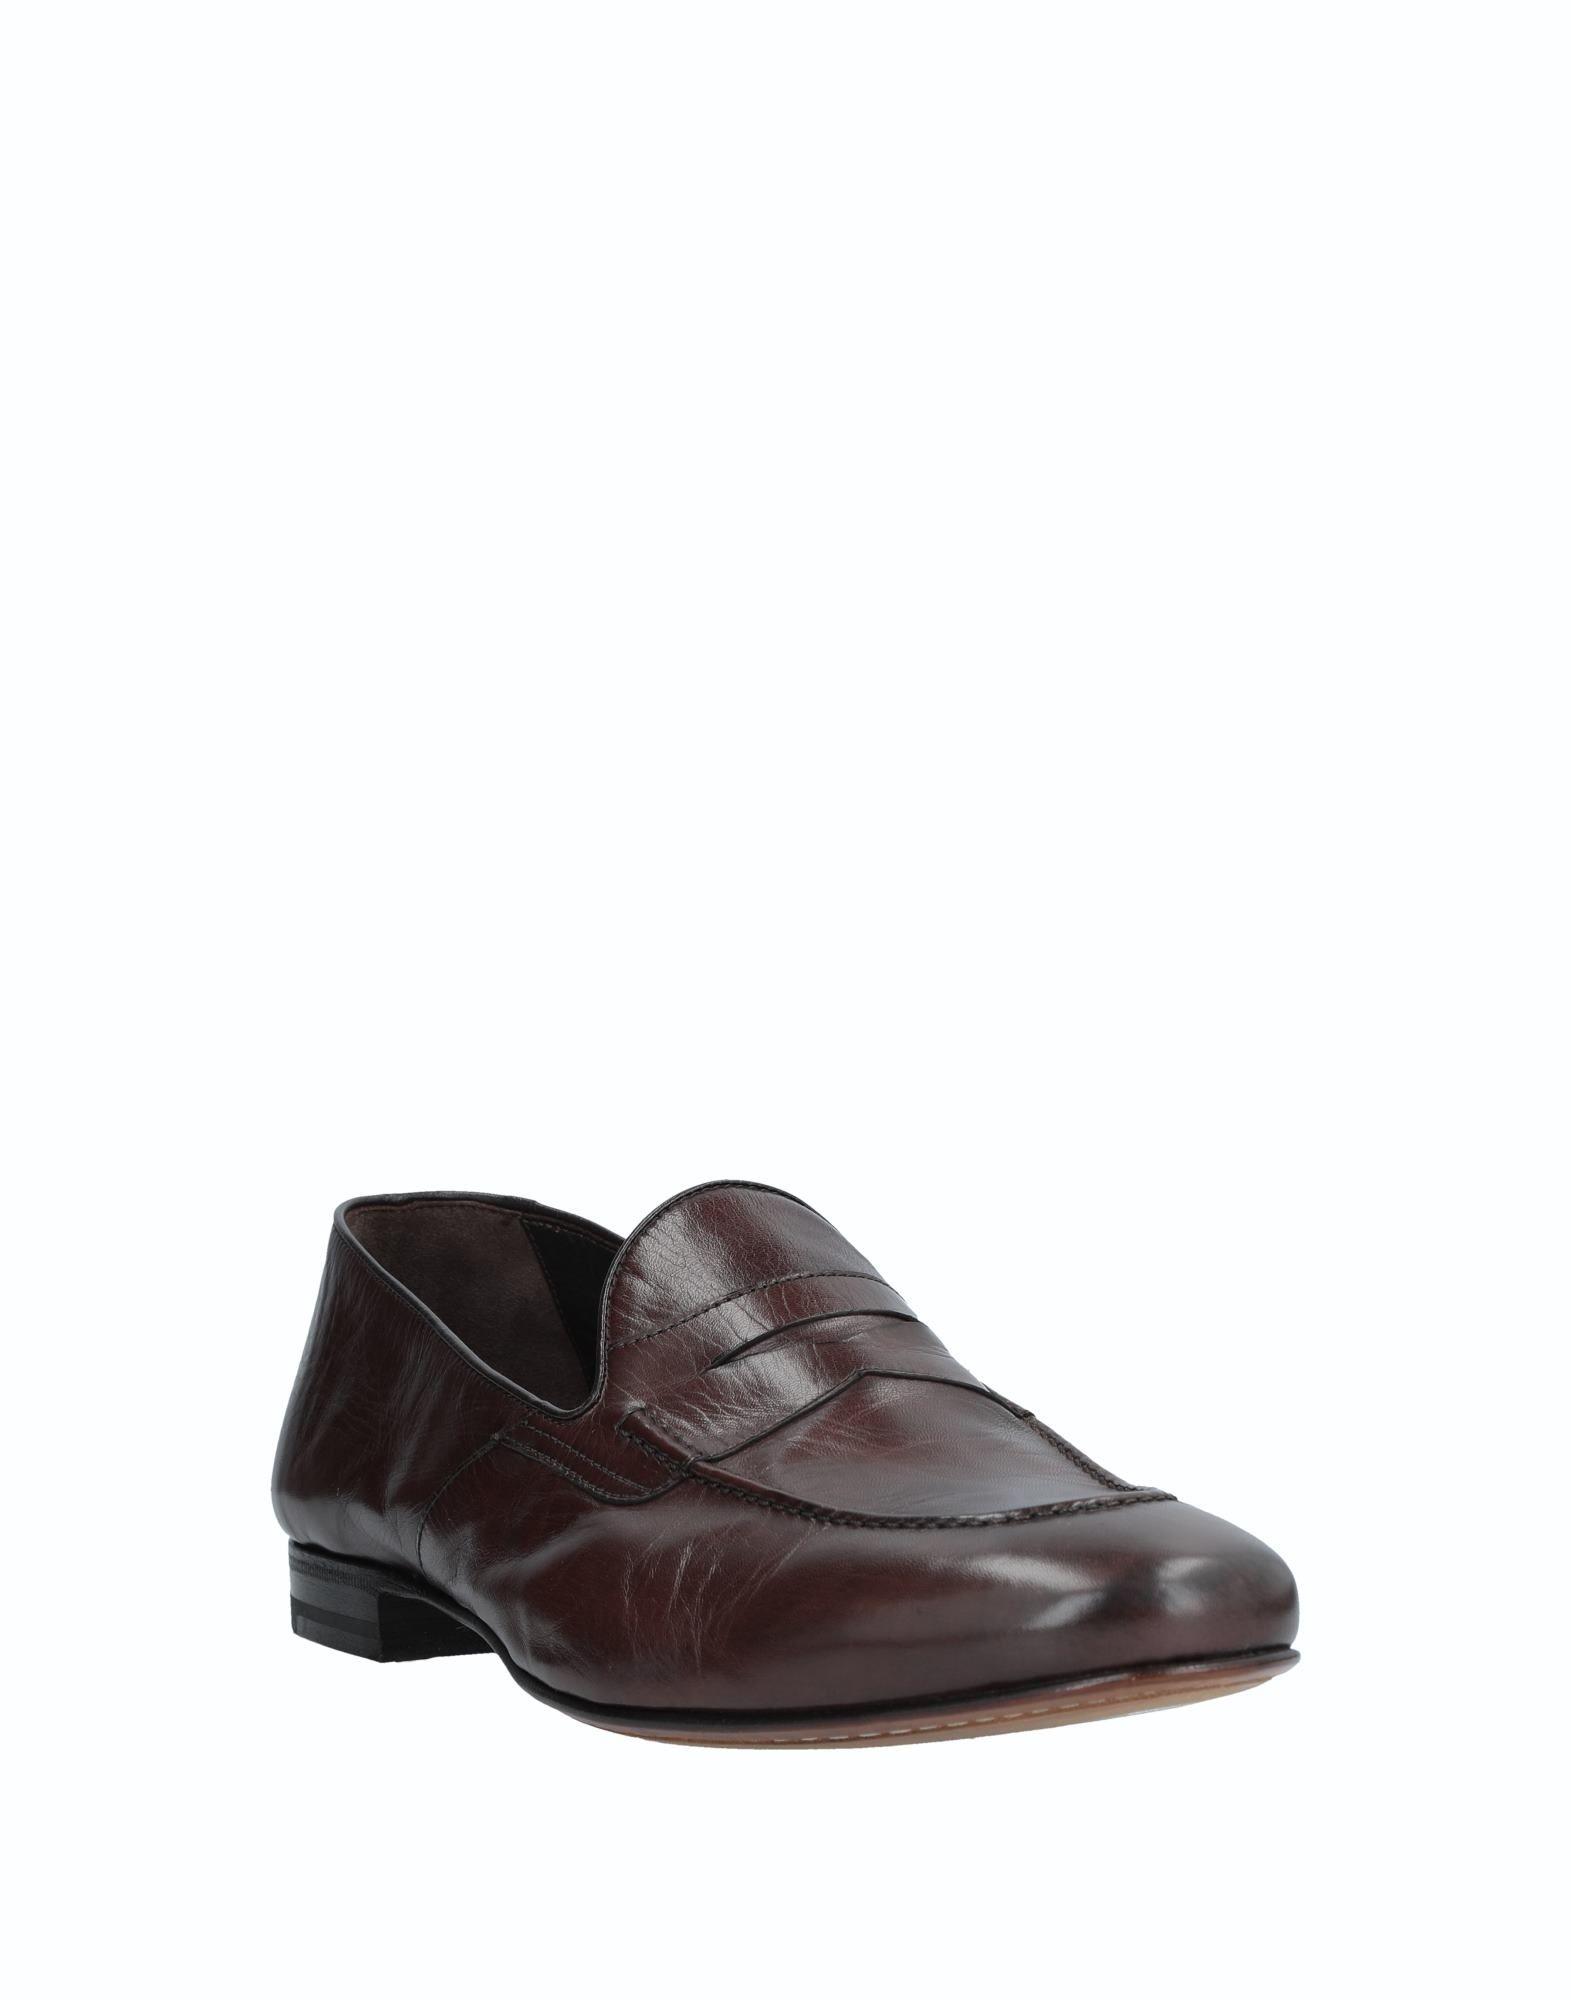 Henderson Mokassins Herren  11538107XL Schuhe Gute Qualität beliebte Schuhe 11538107XL 617dca